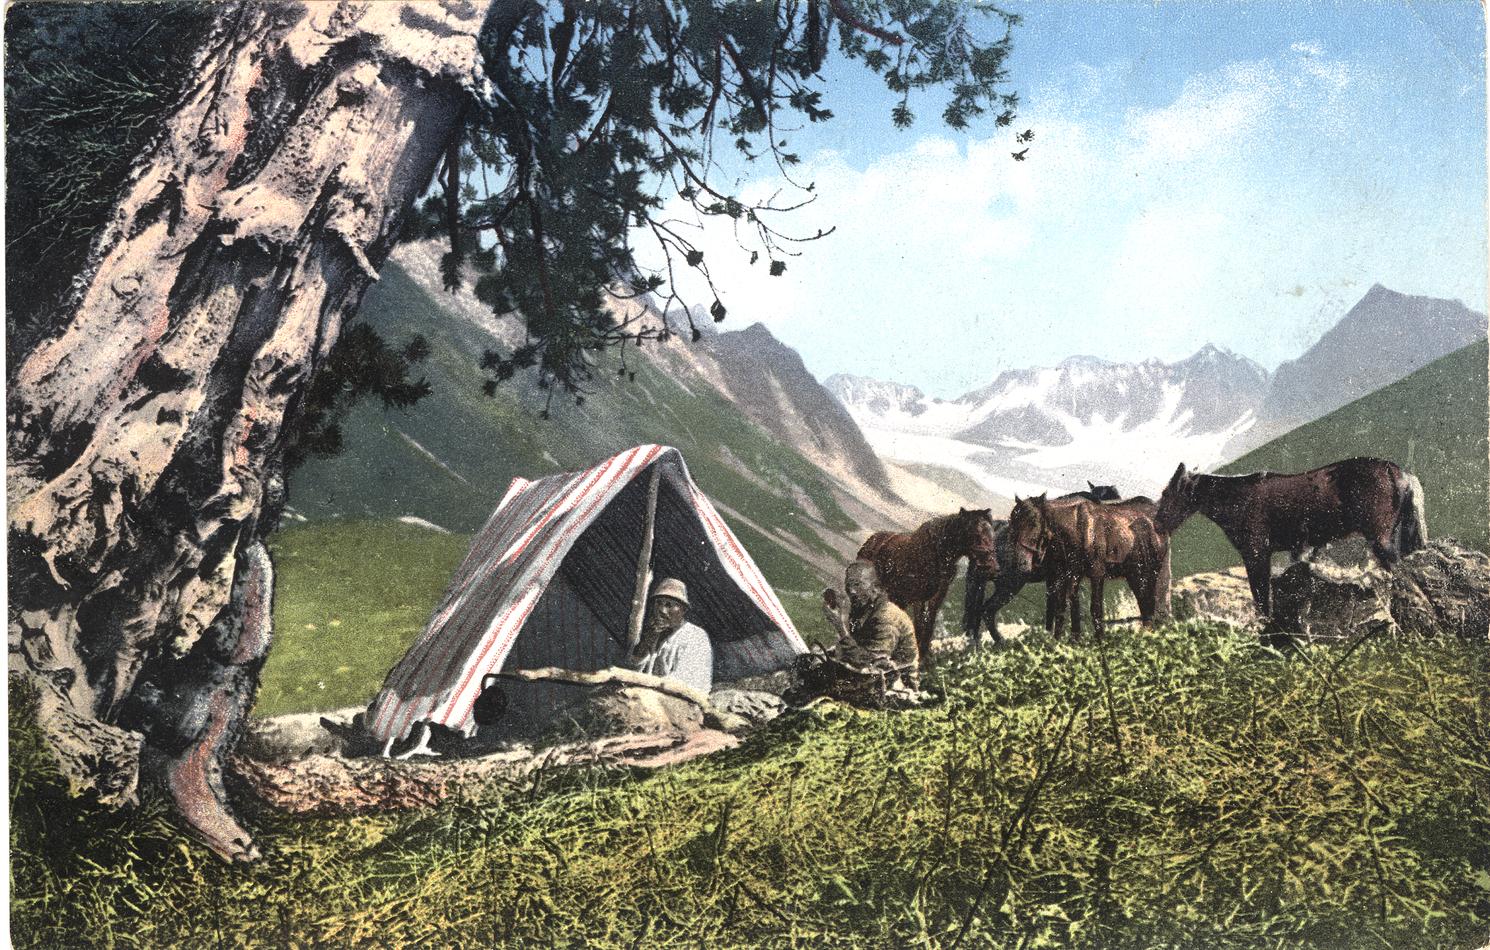 Долина реки Капчал, притока реки Катунь, в ее верховье. Вид на Капчальские ледники. Палатка в лагере экспедиции. Район горы Белухи